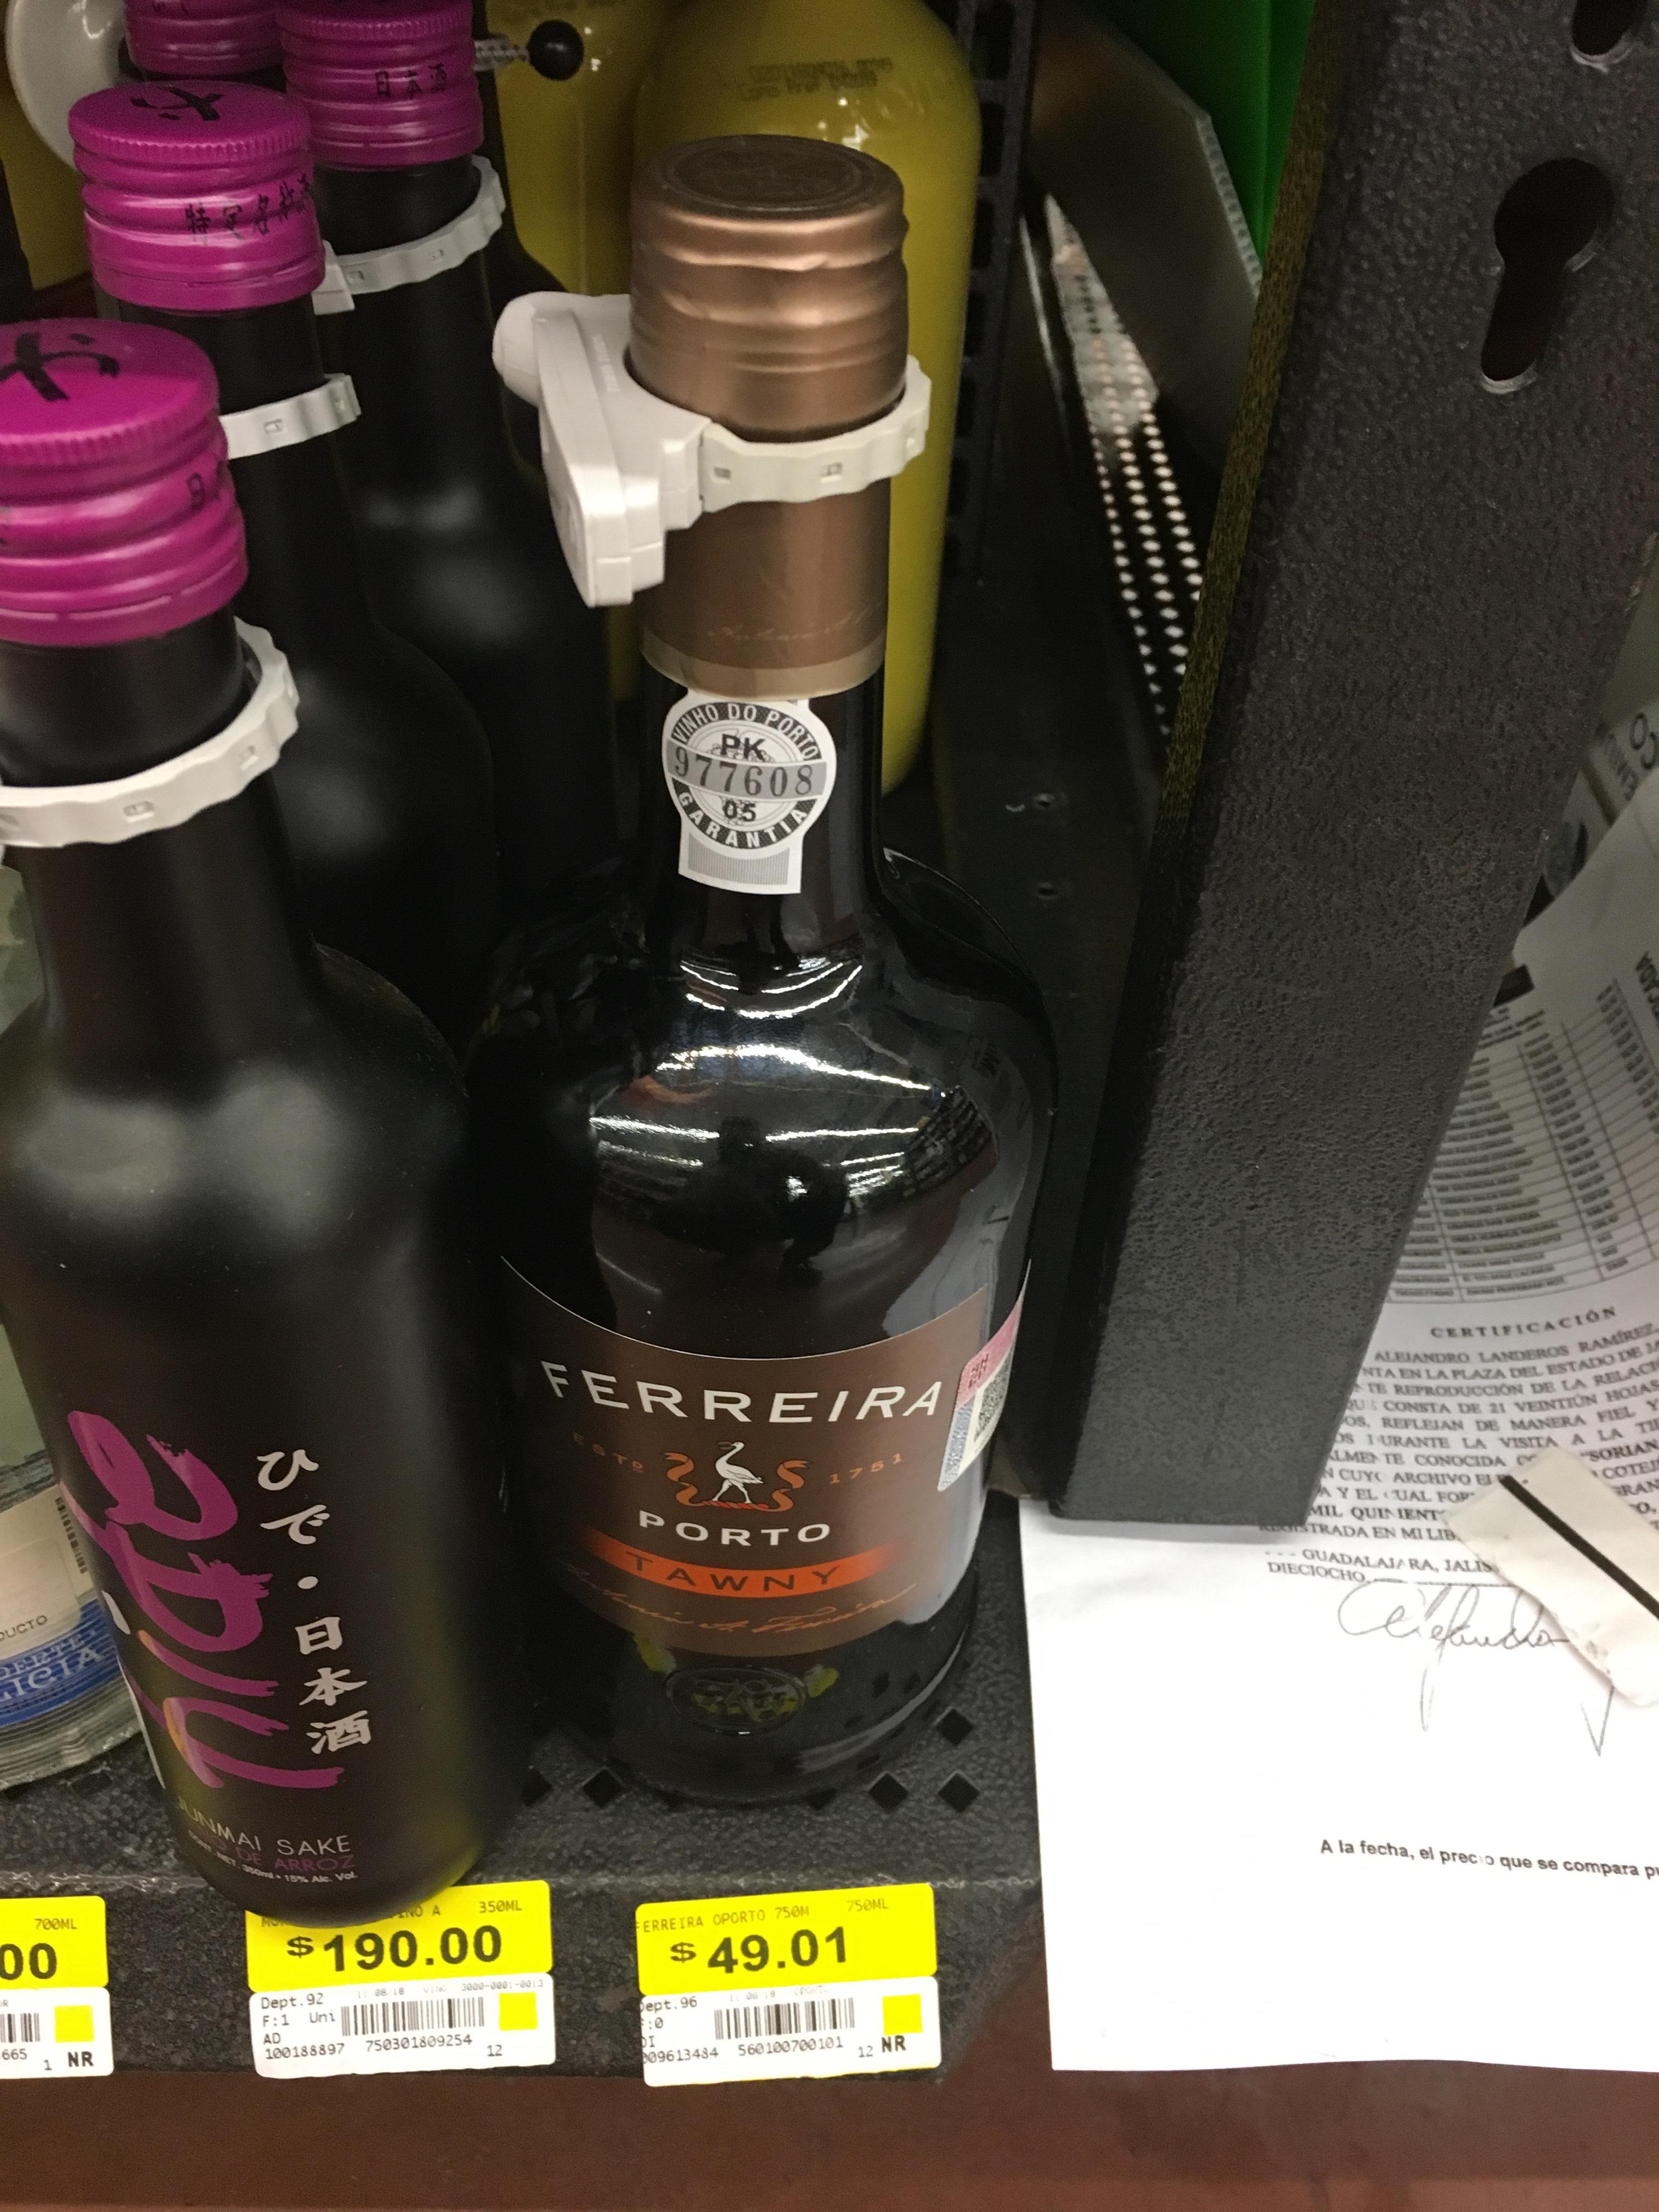 Walmart: Vino tinto Ferreira Porto Tawny a $49.01